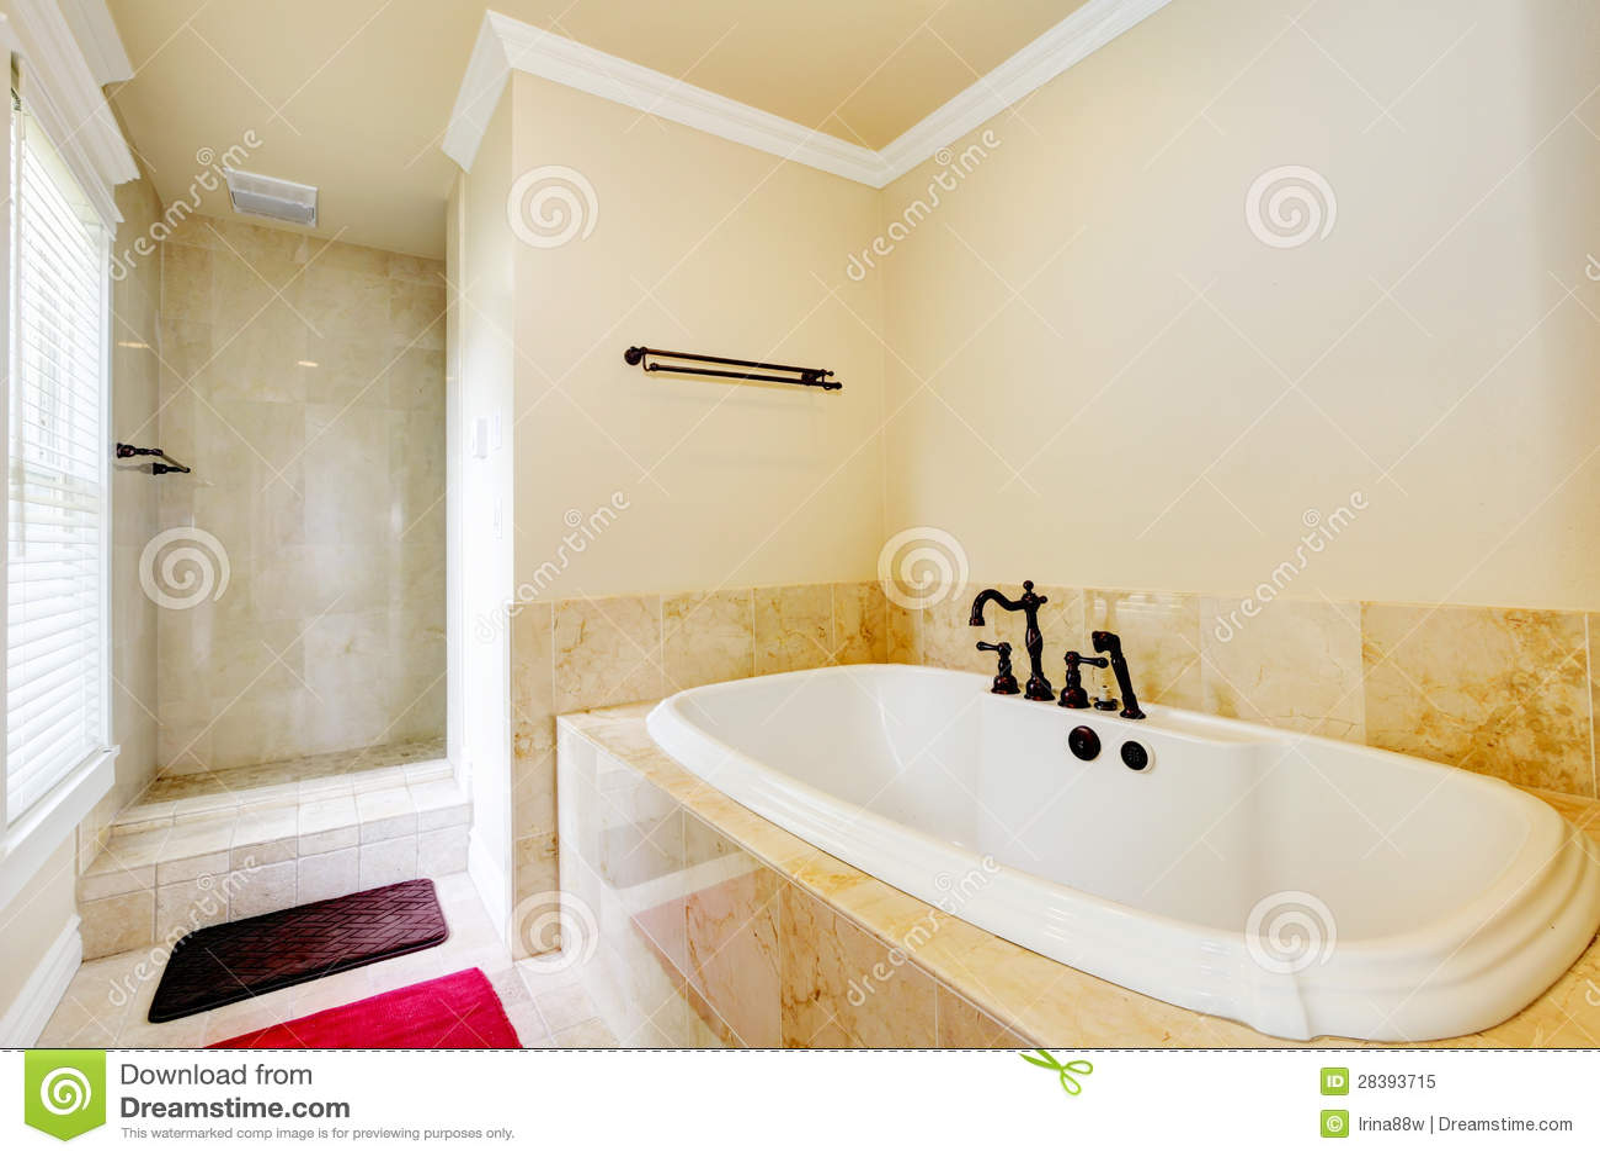 Cuarto de ba o vac o agradable con la tina y la ducha - Cuarto de bano con ducha ...